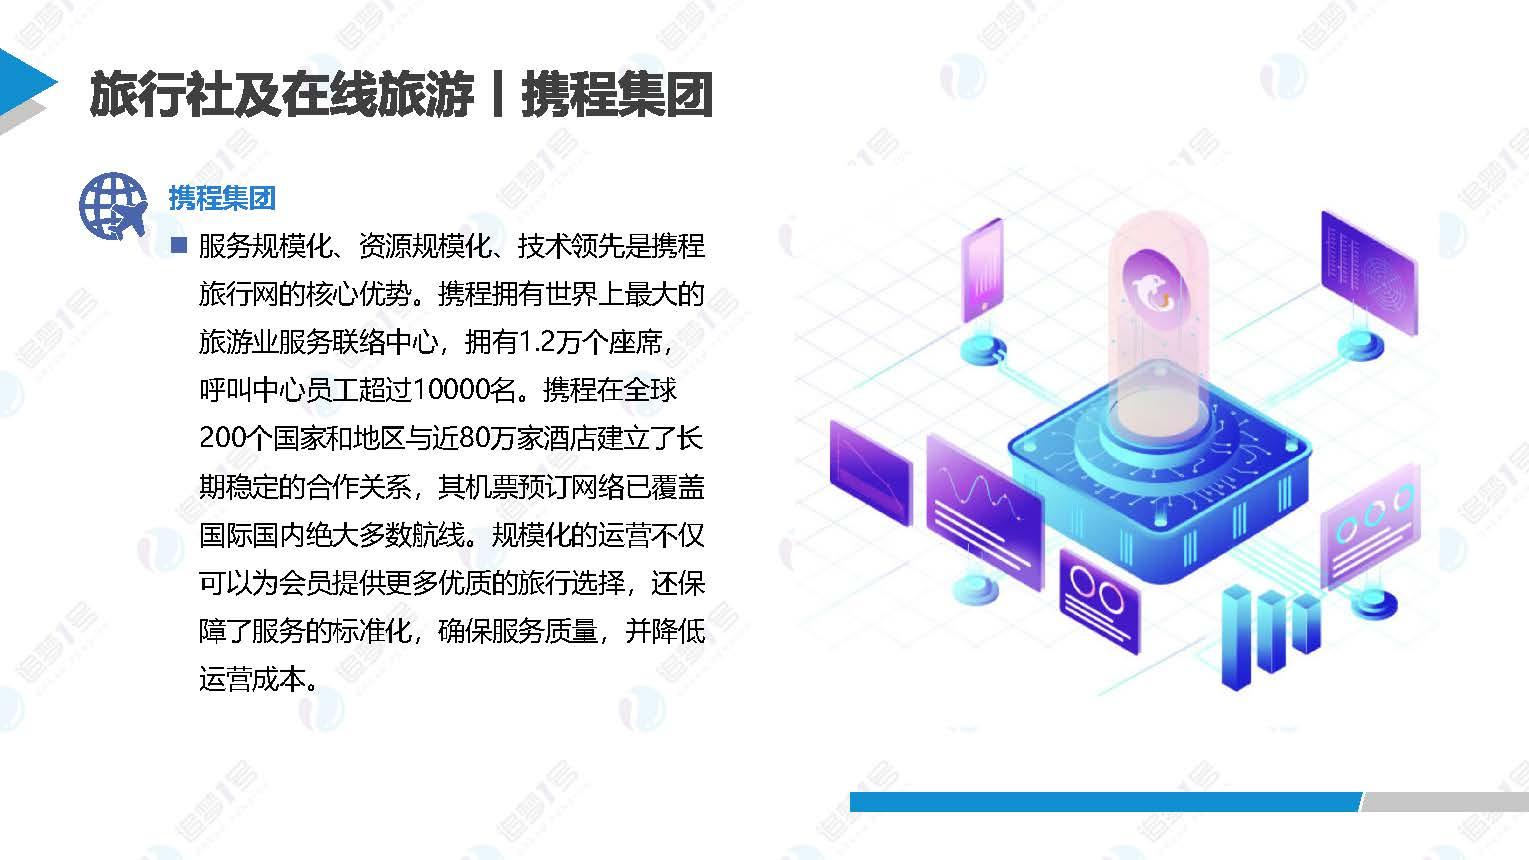 中国旅游行业研究 _页面_31.jpg